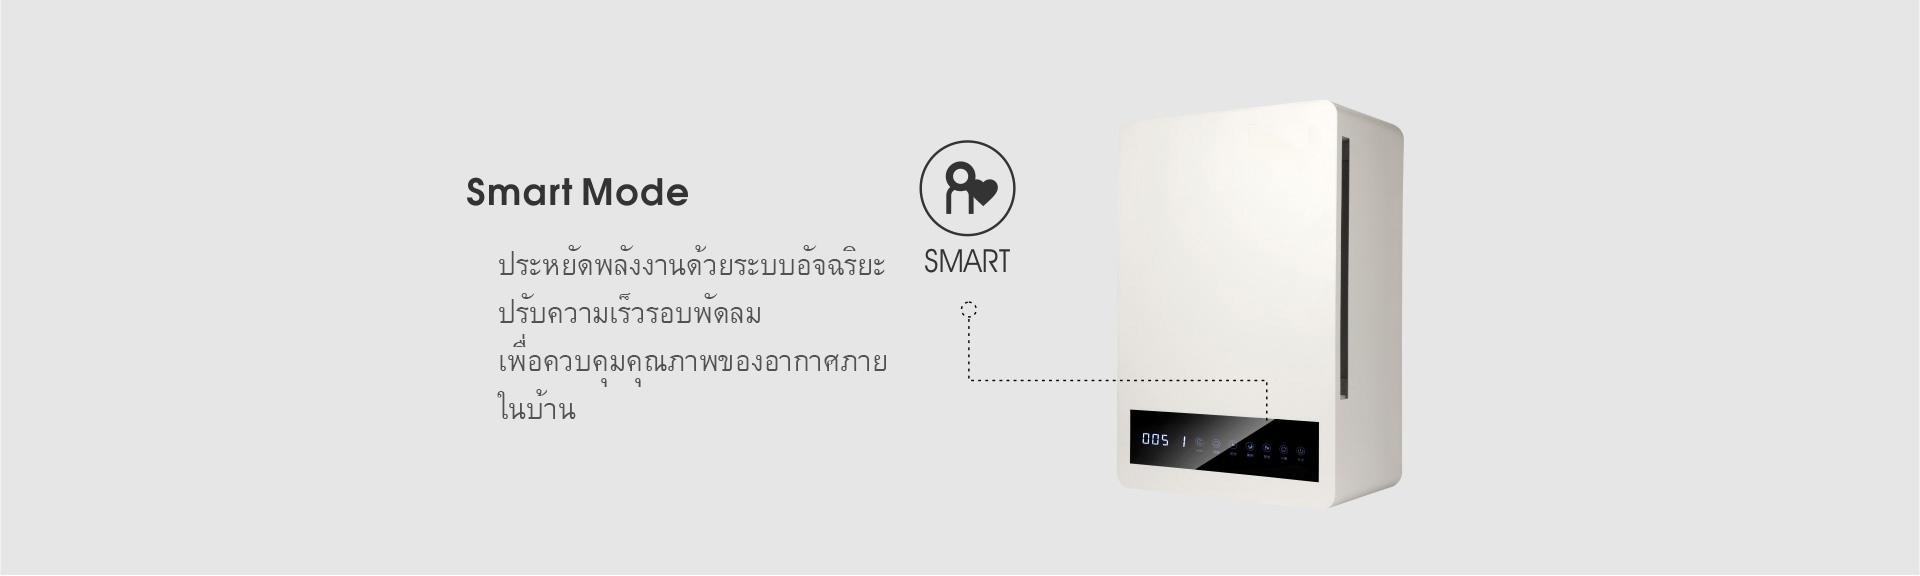 ประหยัดพลังงานด้วยระบบอัจฉริยะในเครื่องเติมอากาศ(Smart Mode)